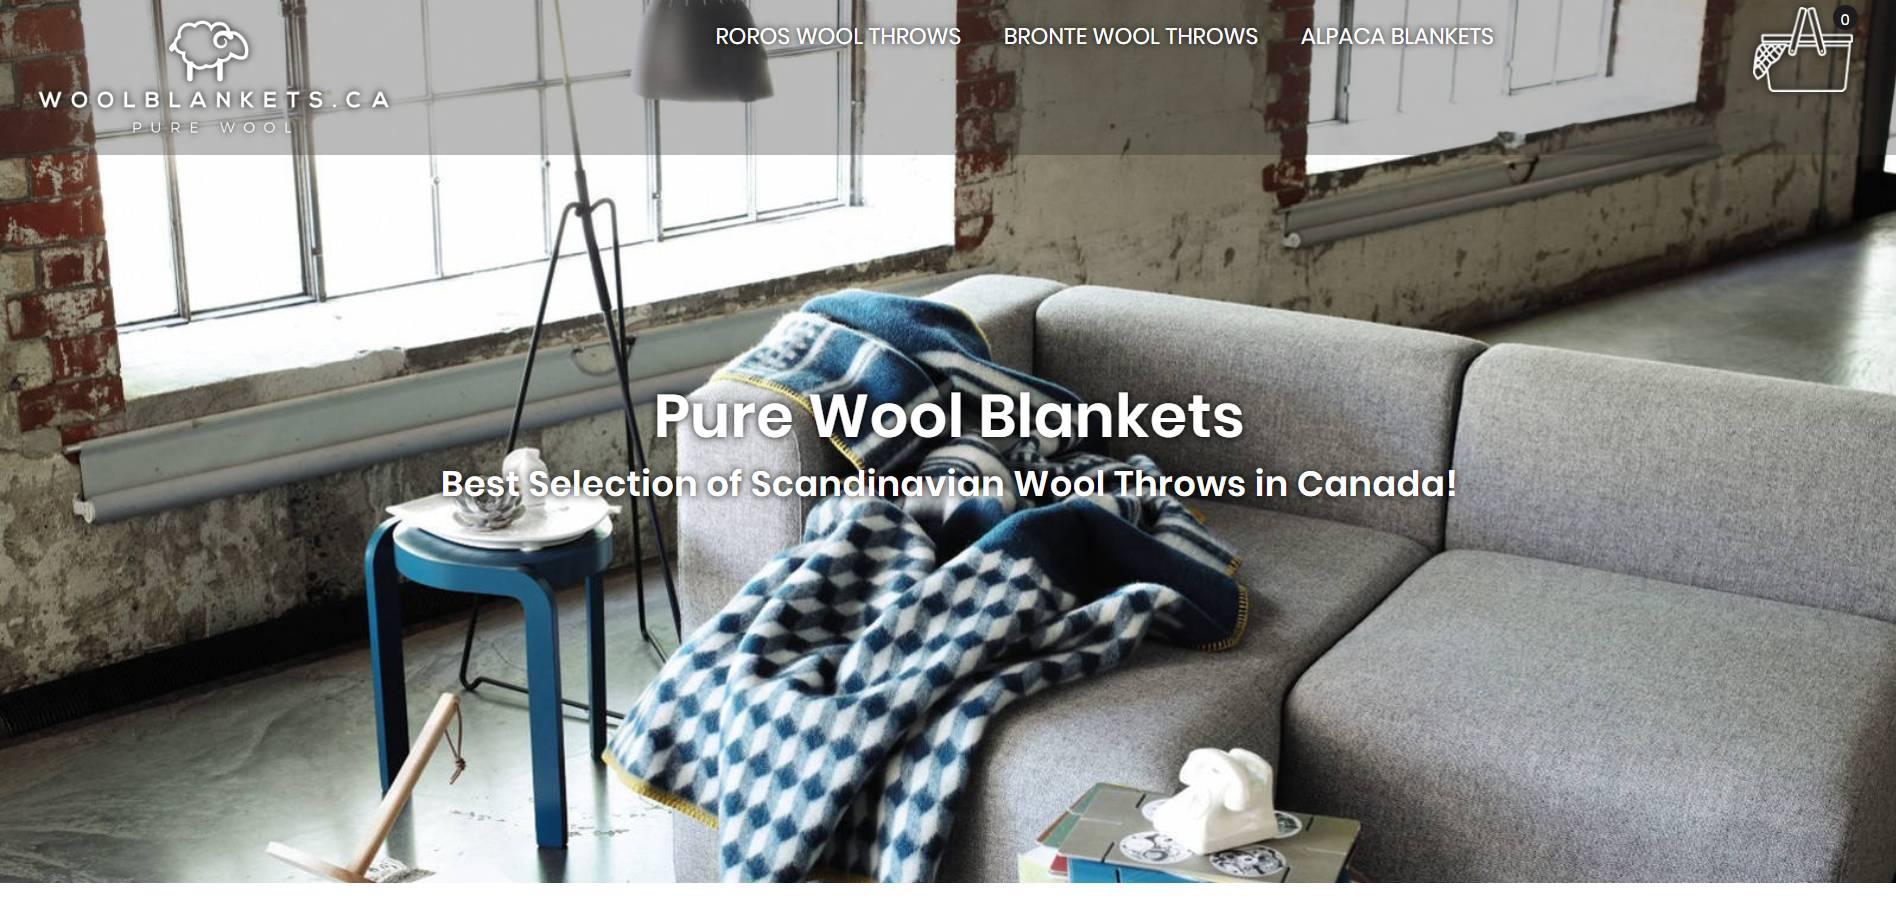 woolblankets.ca